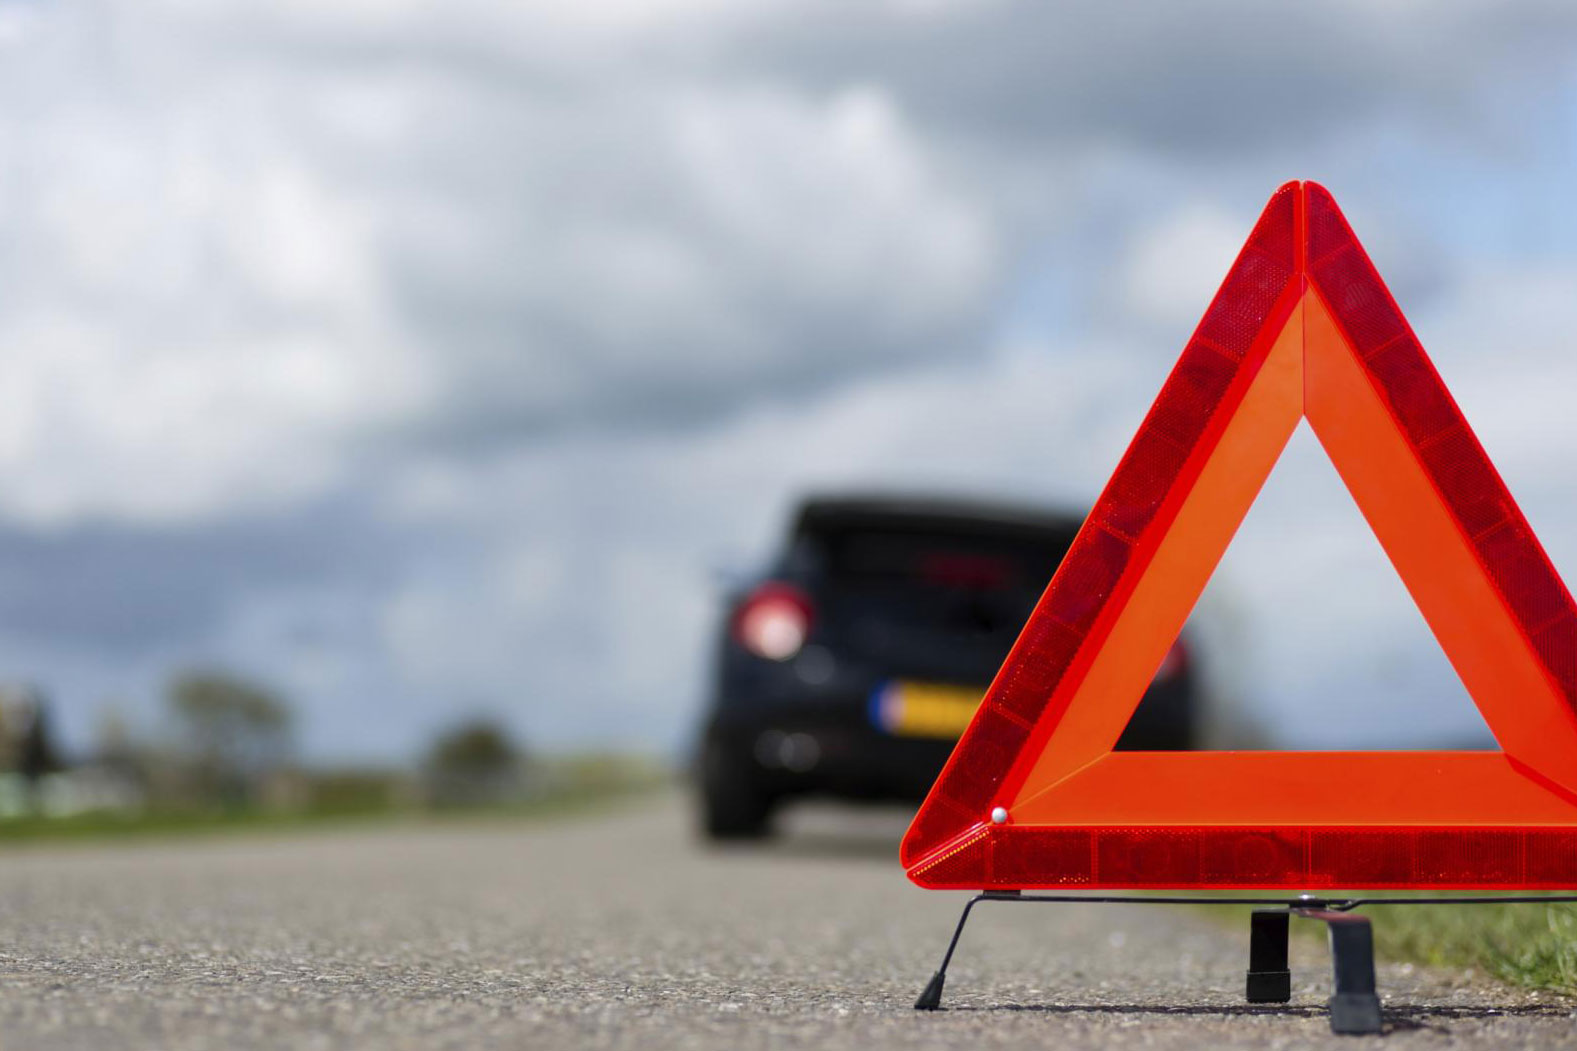 Пенсионерка пострадала при опрокидывании пассажирского автобуса в кювет в Карагандинской области